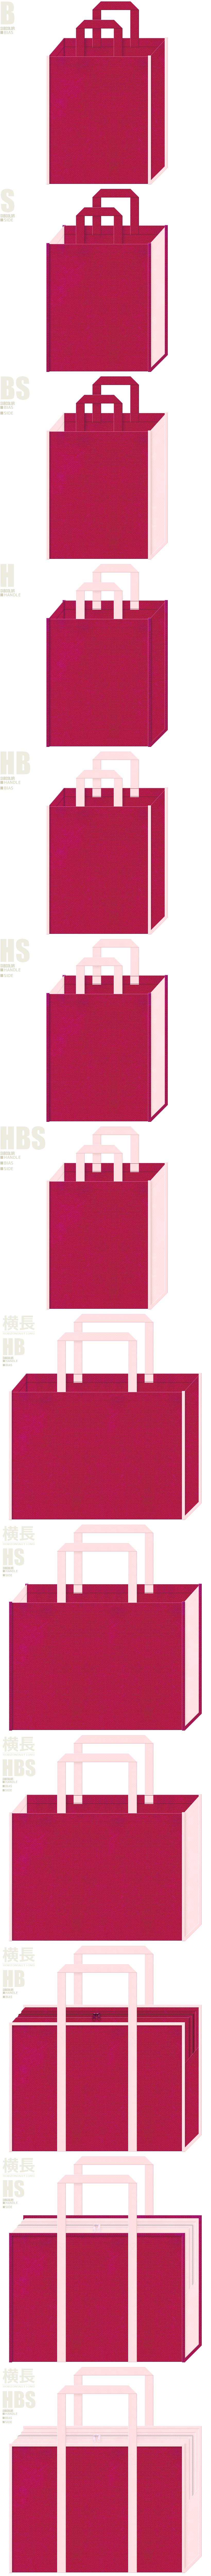 濃いピンク色と桜色、7パターンの不織布トートバッグ配色デザイン例。結婚式打ち合わせ資料・婚礼アルバム・和装イベント用にお奨めです。